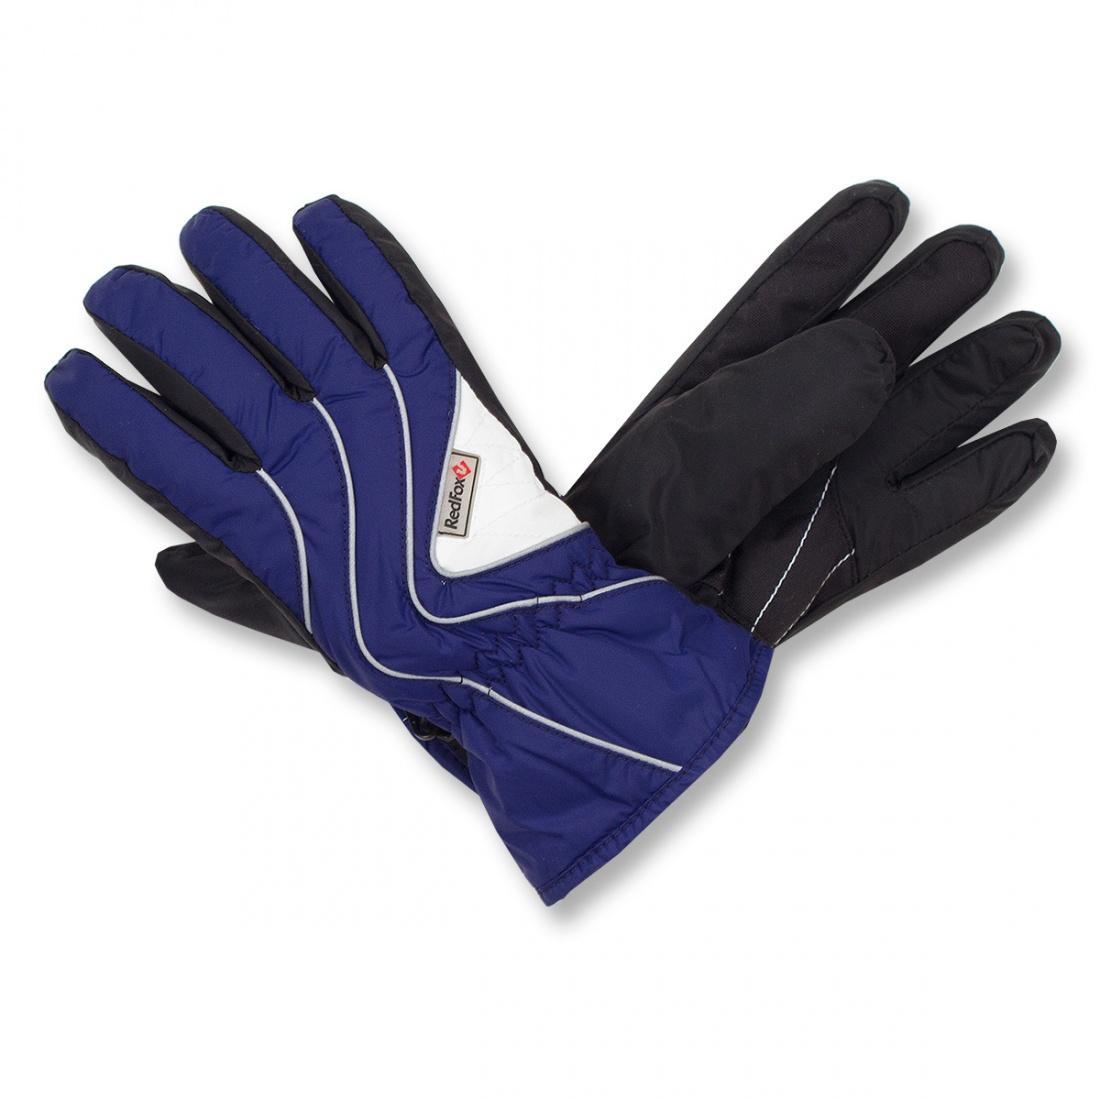 Перчатки утепленные Lines ДетскиеПерчатки<br><br> Детские перчатки Lines предназначены для использования в холодную погоду во время активных видов отдыха. Специальная водоотталкивающая ...<br><br>Цвет: Темно-синий<br>Размер: XXL